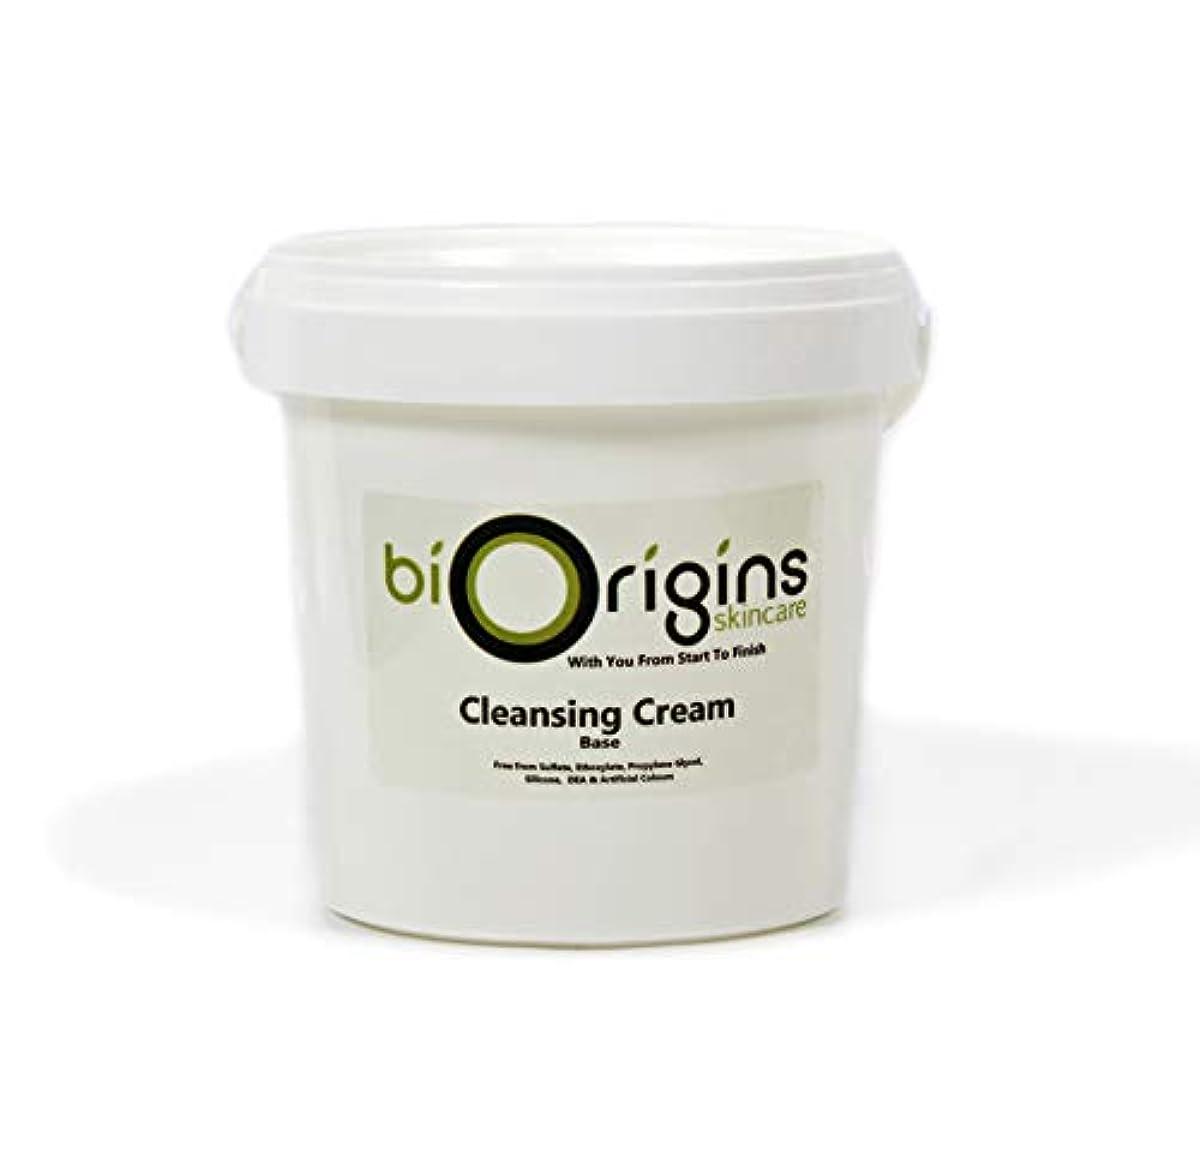 Clarifying Cleansing Cream - Botanical Skincare Base - 1Kg